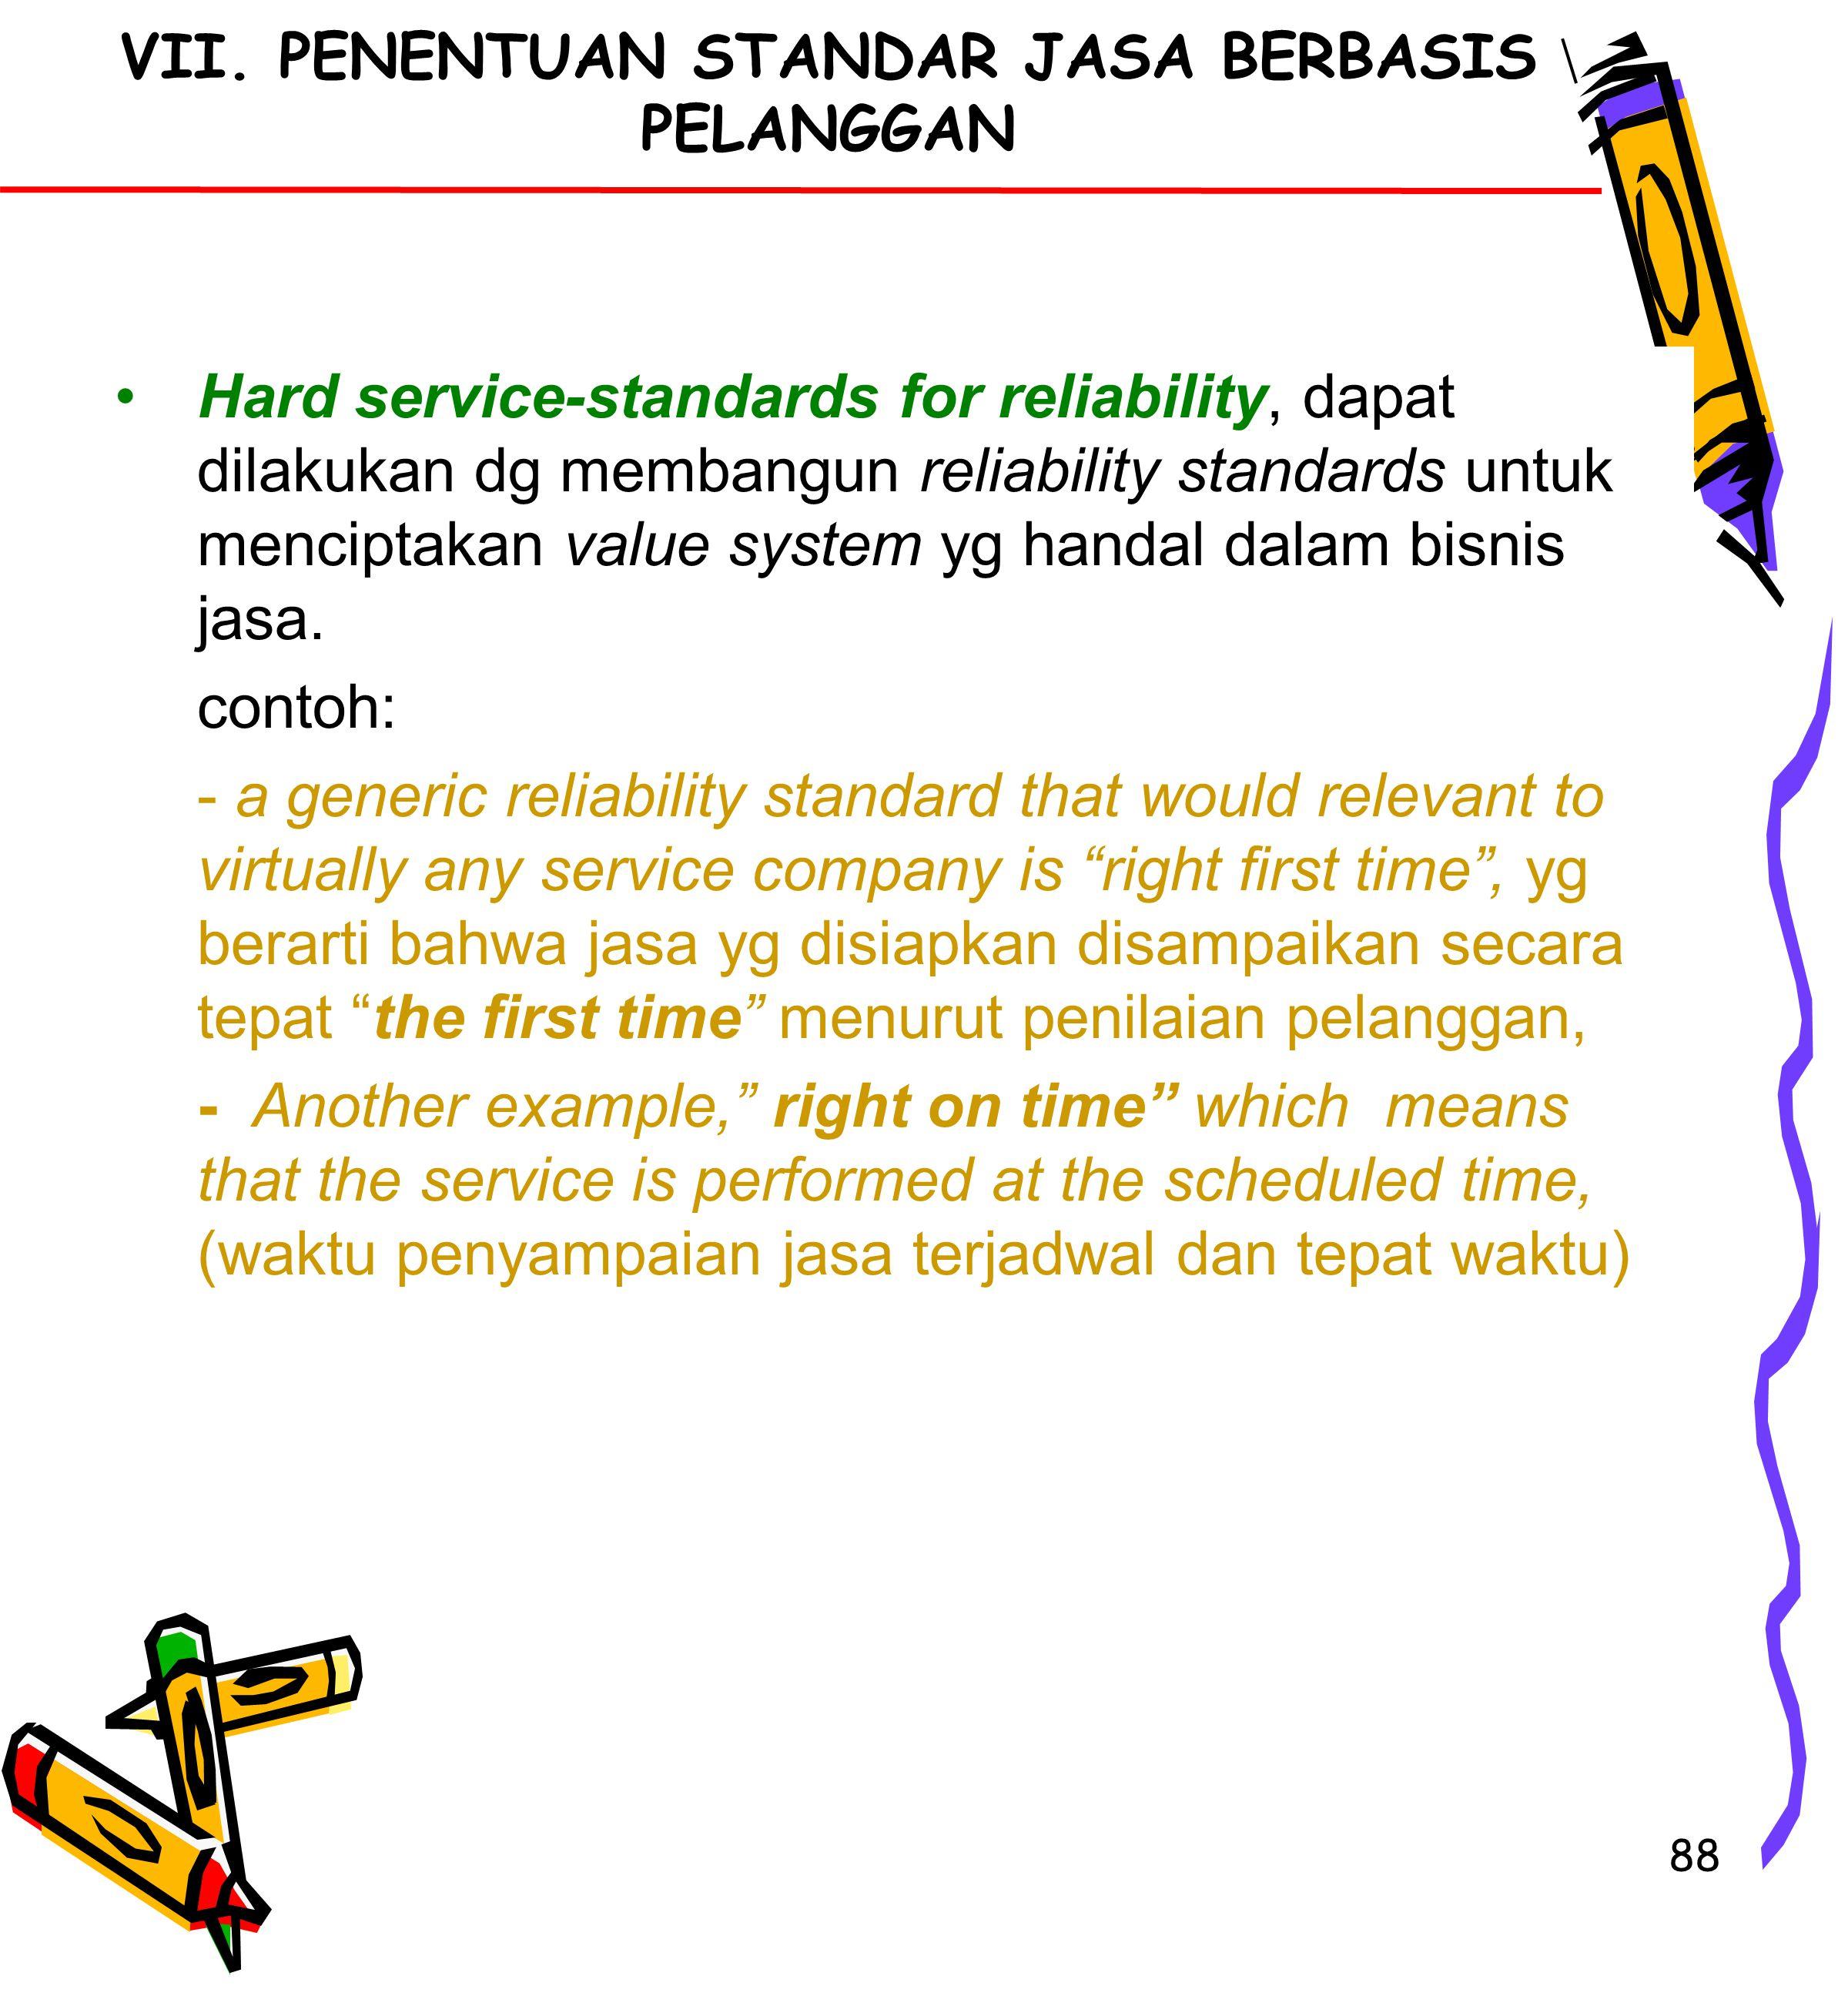 88 Hard service-standards for reliability, dapat dilakukan dg membangun reliability standards untuk menciptakan value system yg handal dalam bisnis jasa.